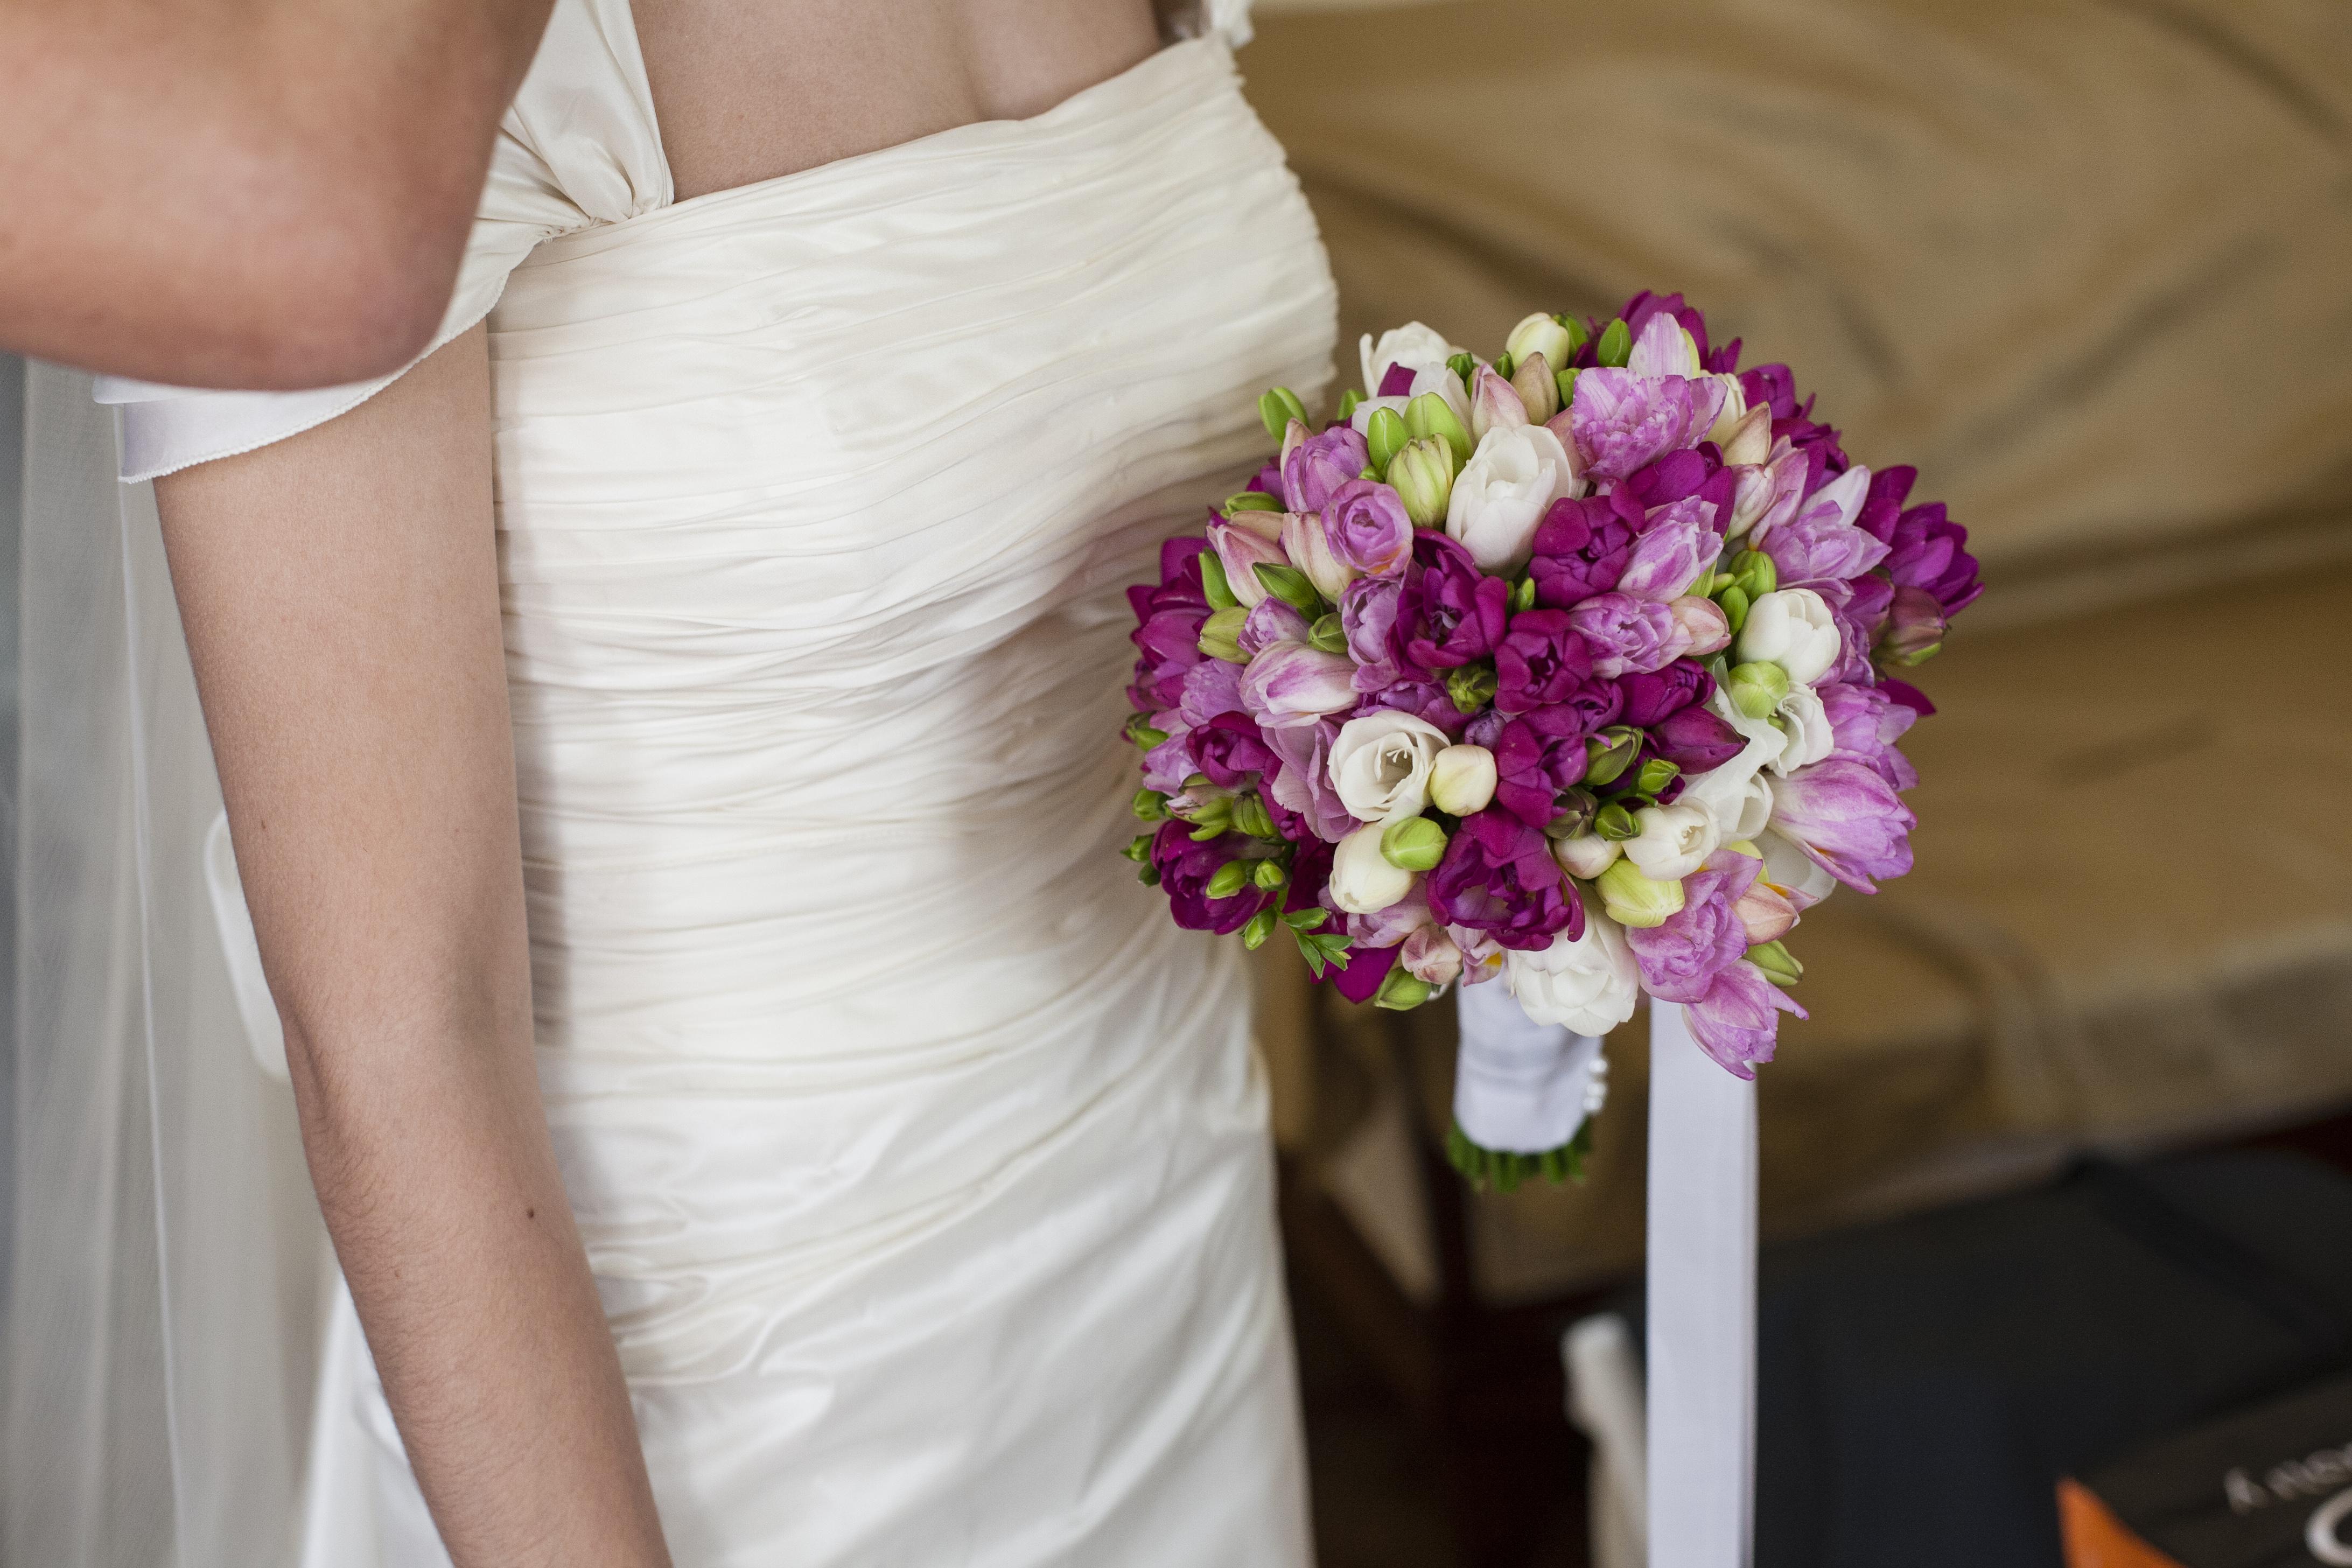 Fiori Per Bouquet Sposa Luglio.Matrimonio Di Luglio In Brianza